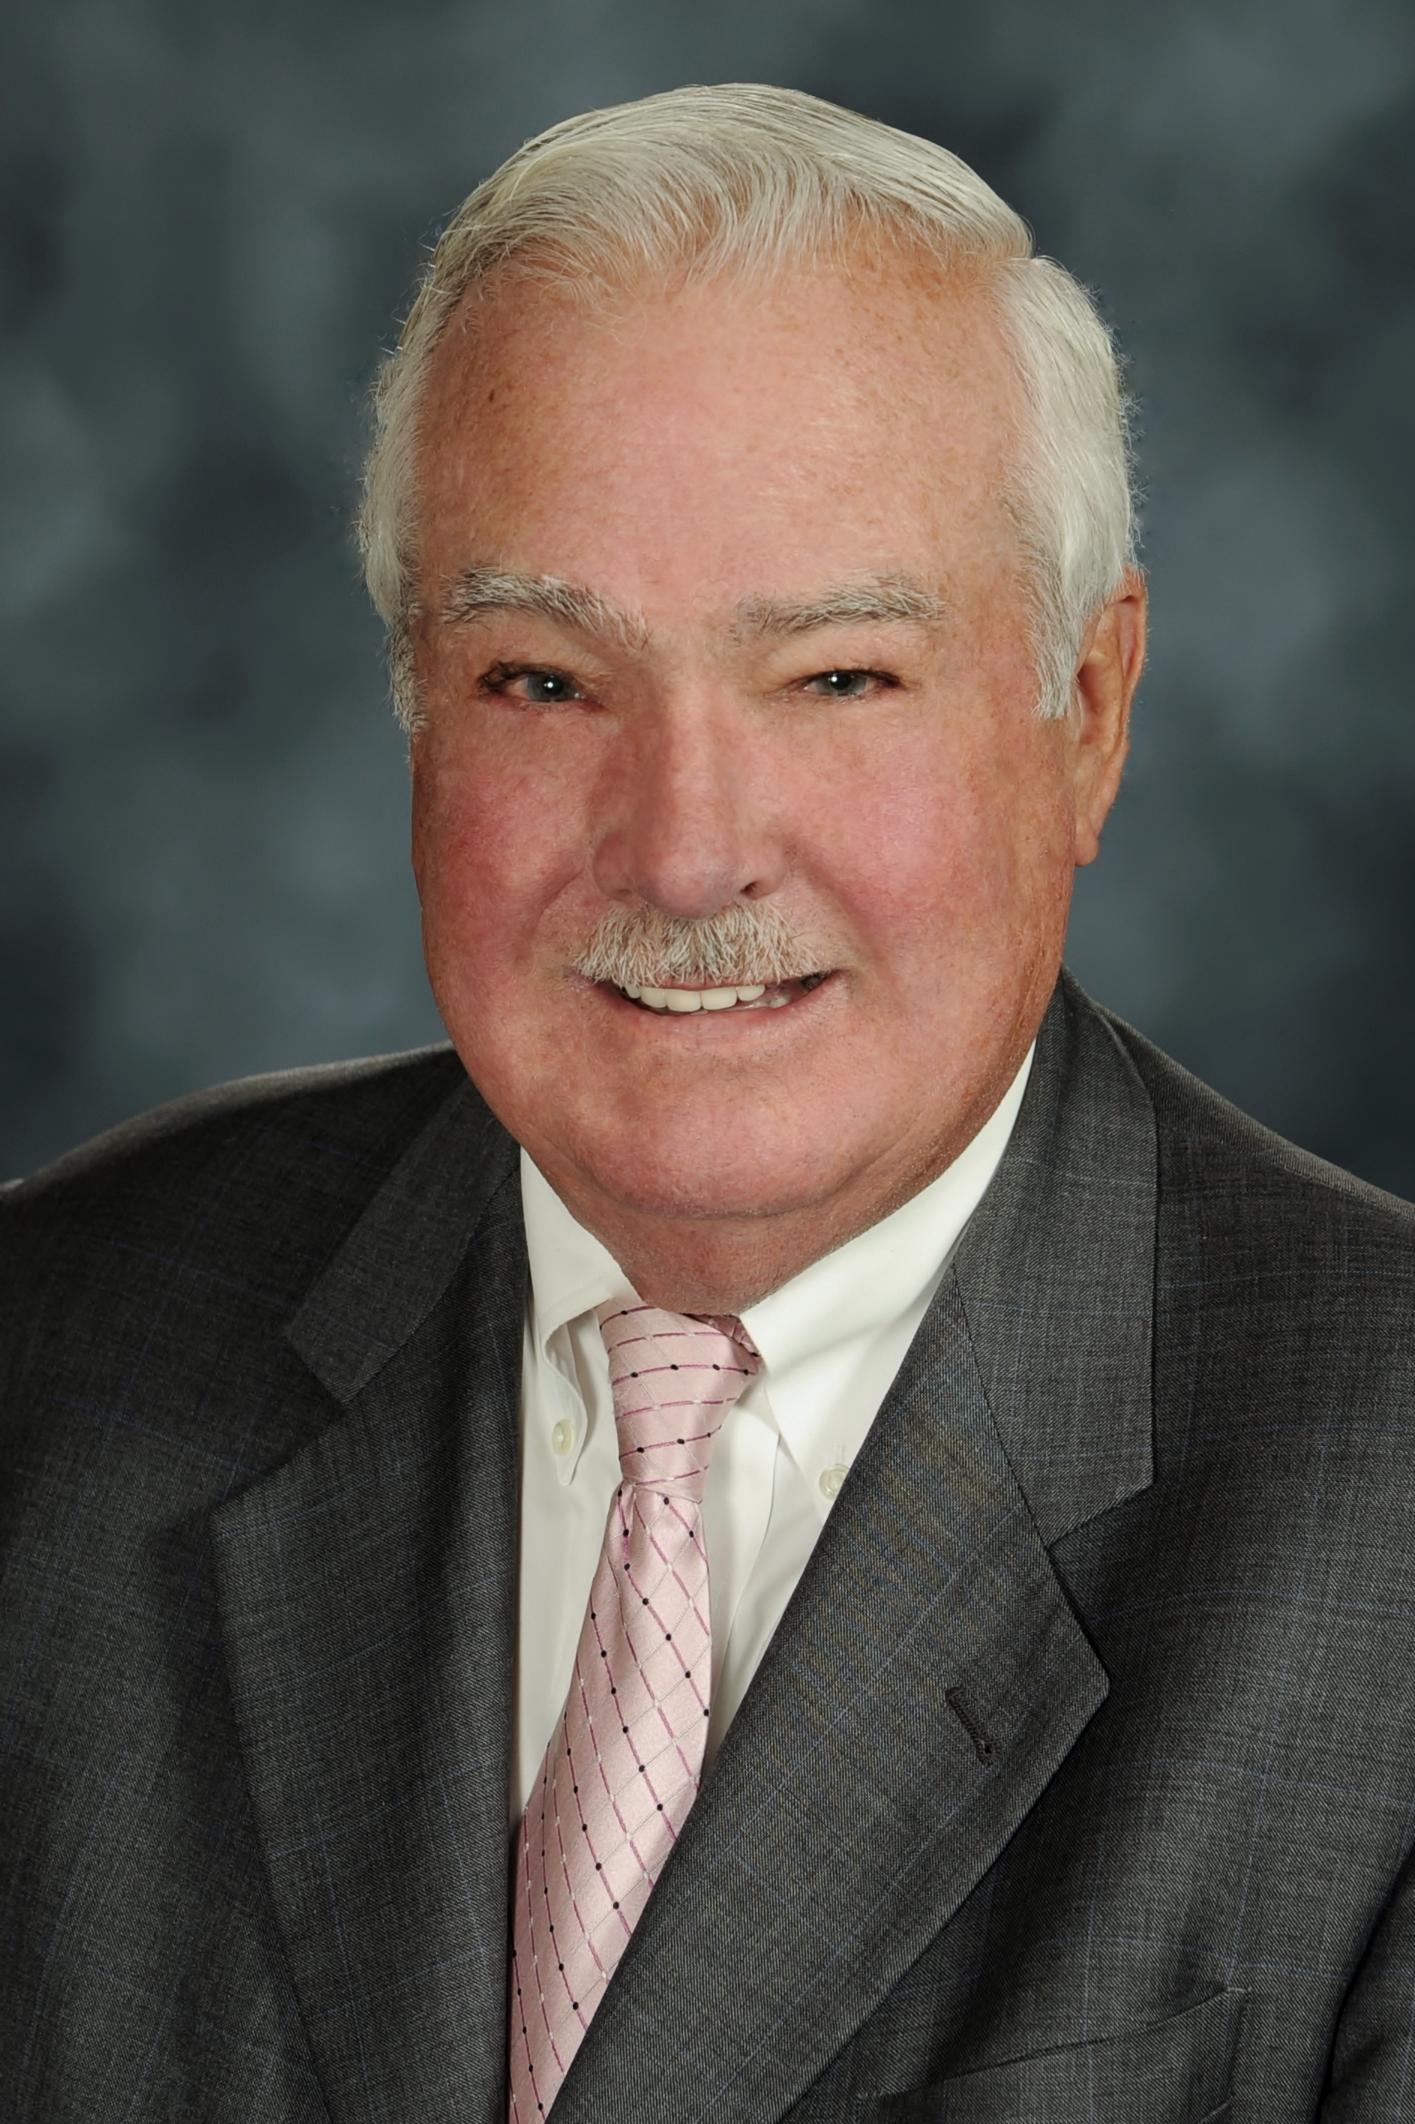 John D. O'Reilly